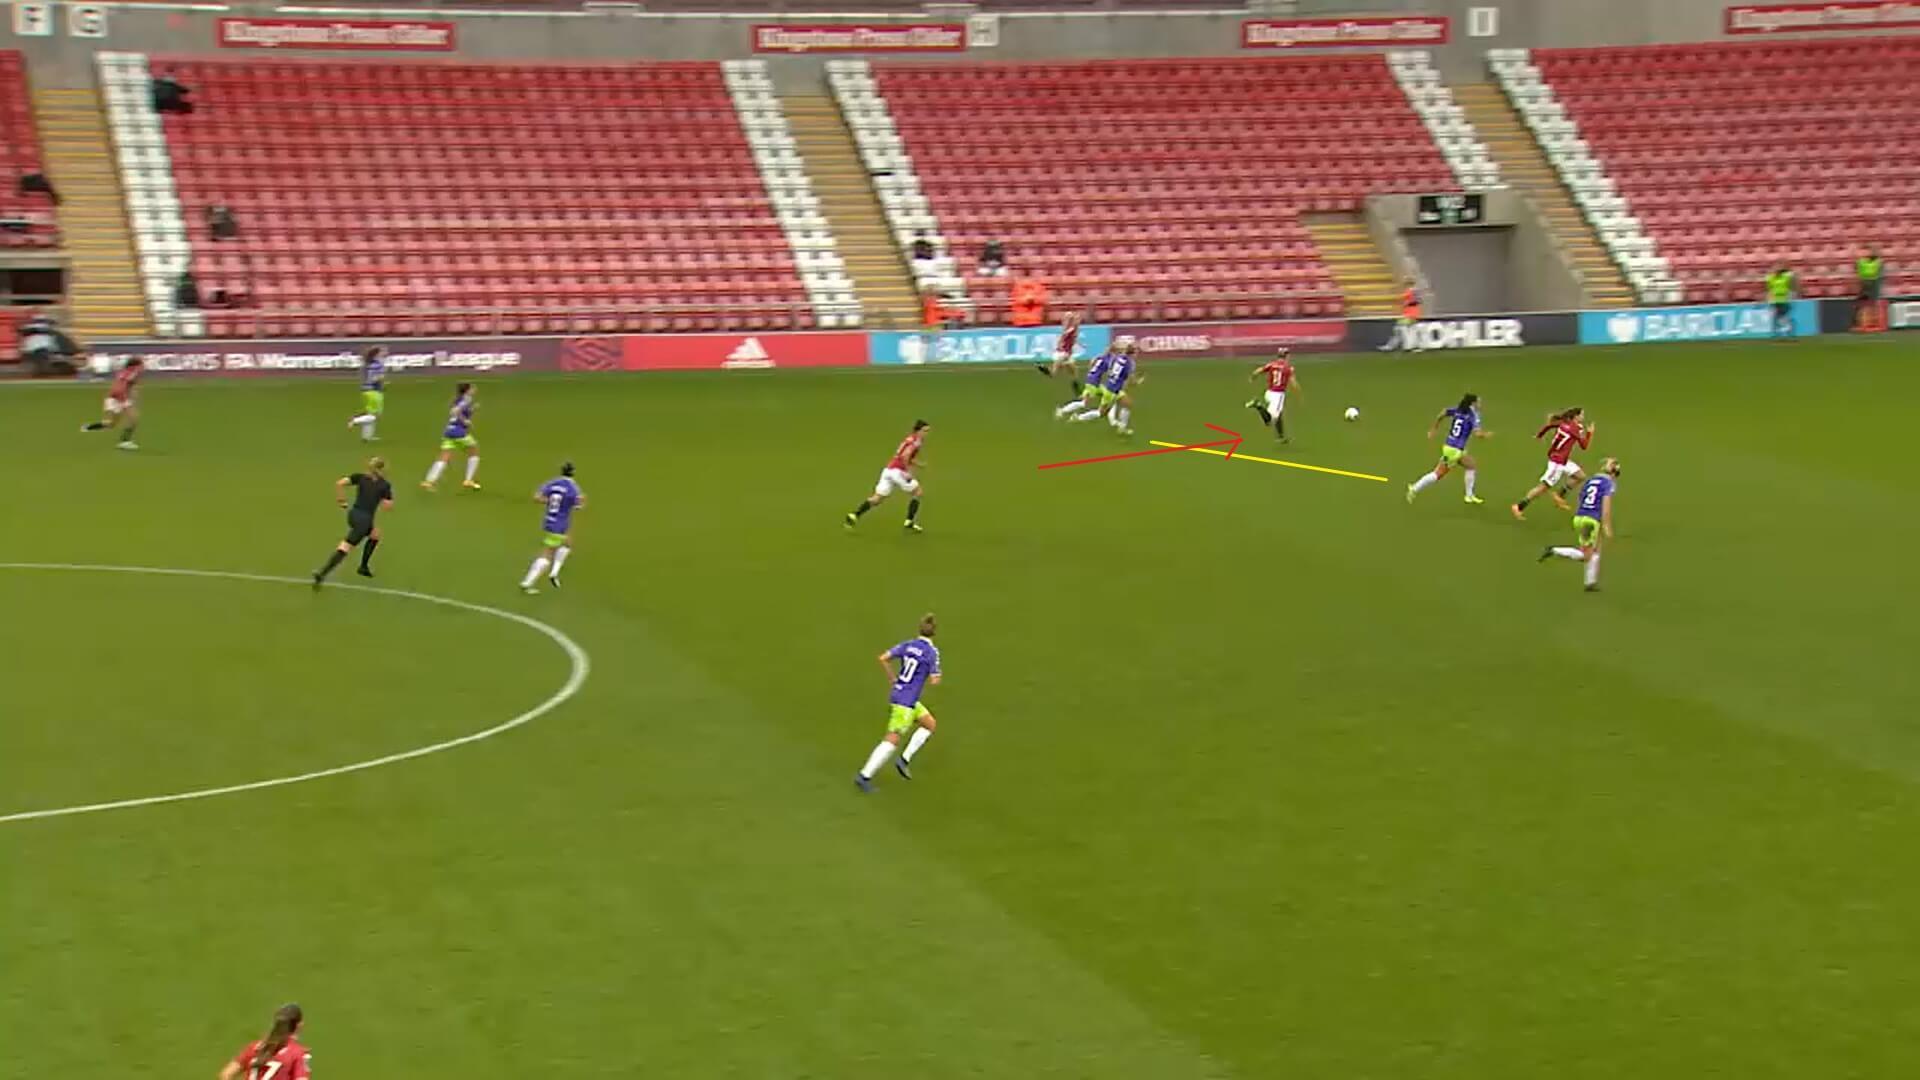 FAWSL 2020/2021: Manchester United Women v Bristol City Women - tactical analysis tactics